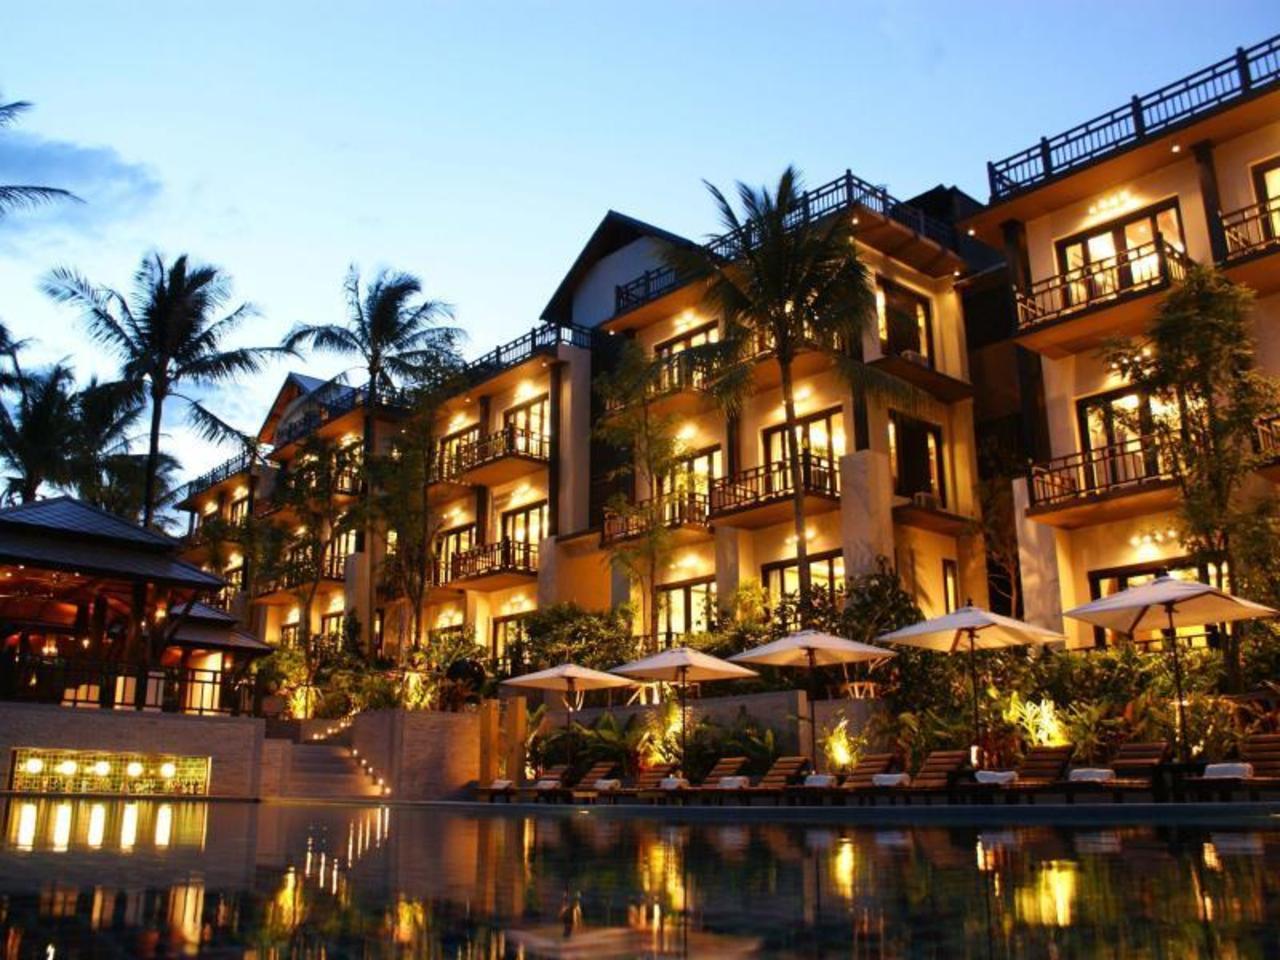 คีรีคายัน ลักซ์ซูรี่ พูล วิลลา แอนด์ สปา (Kirikayan Luxury Pool Villas & Spa Hotel)